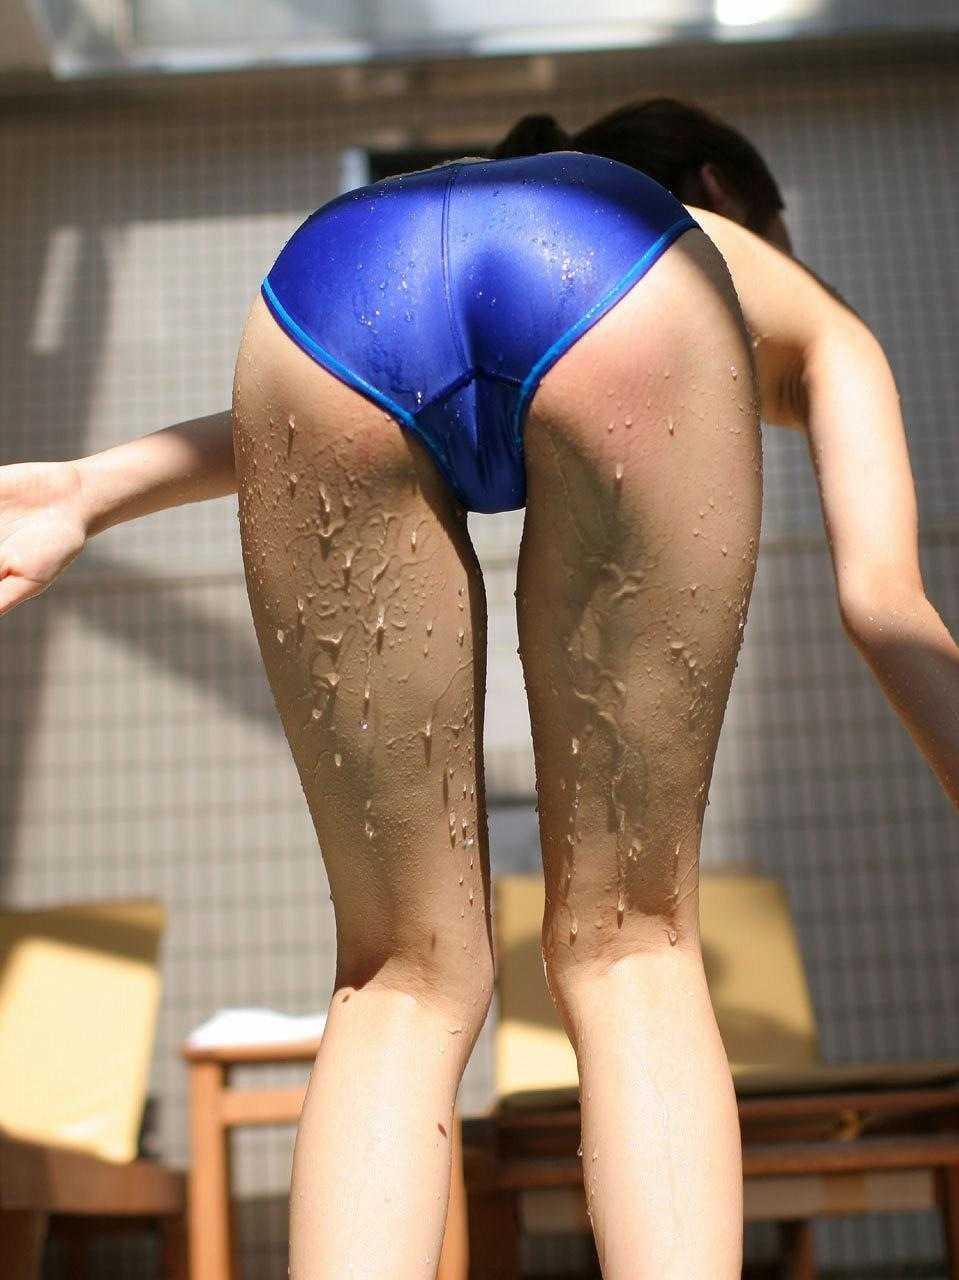 競泳水着がセクシー (12)